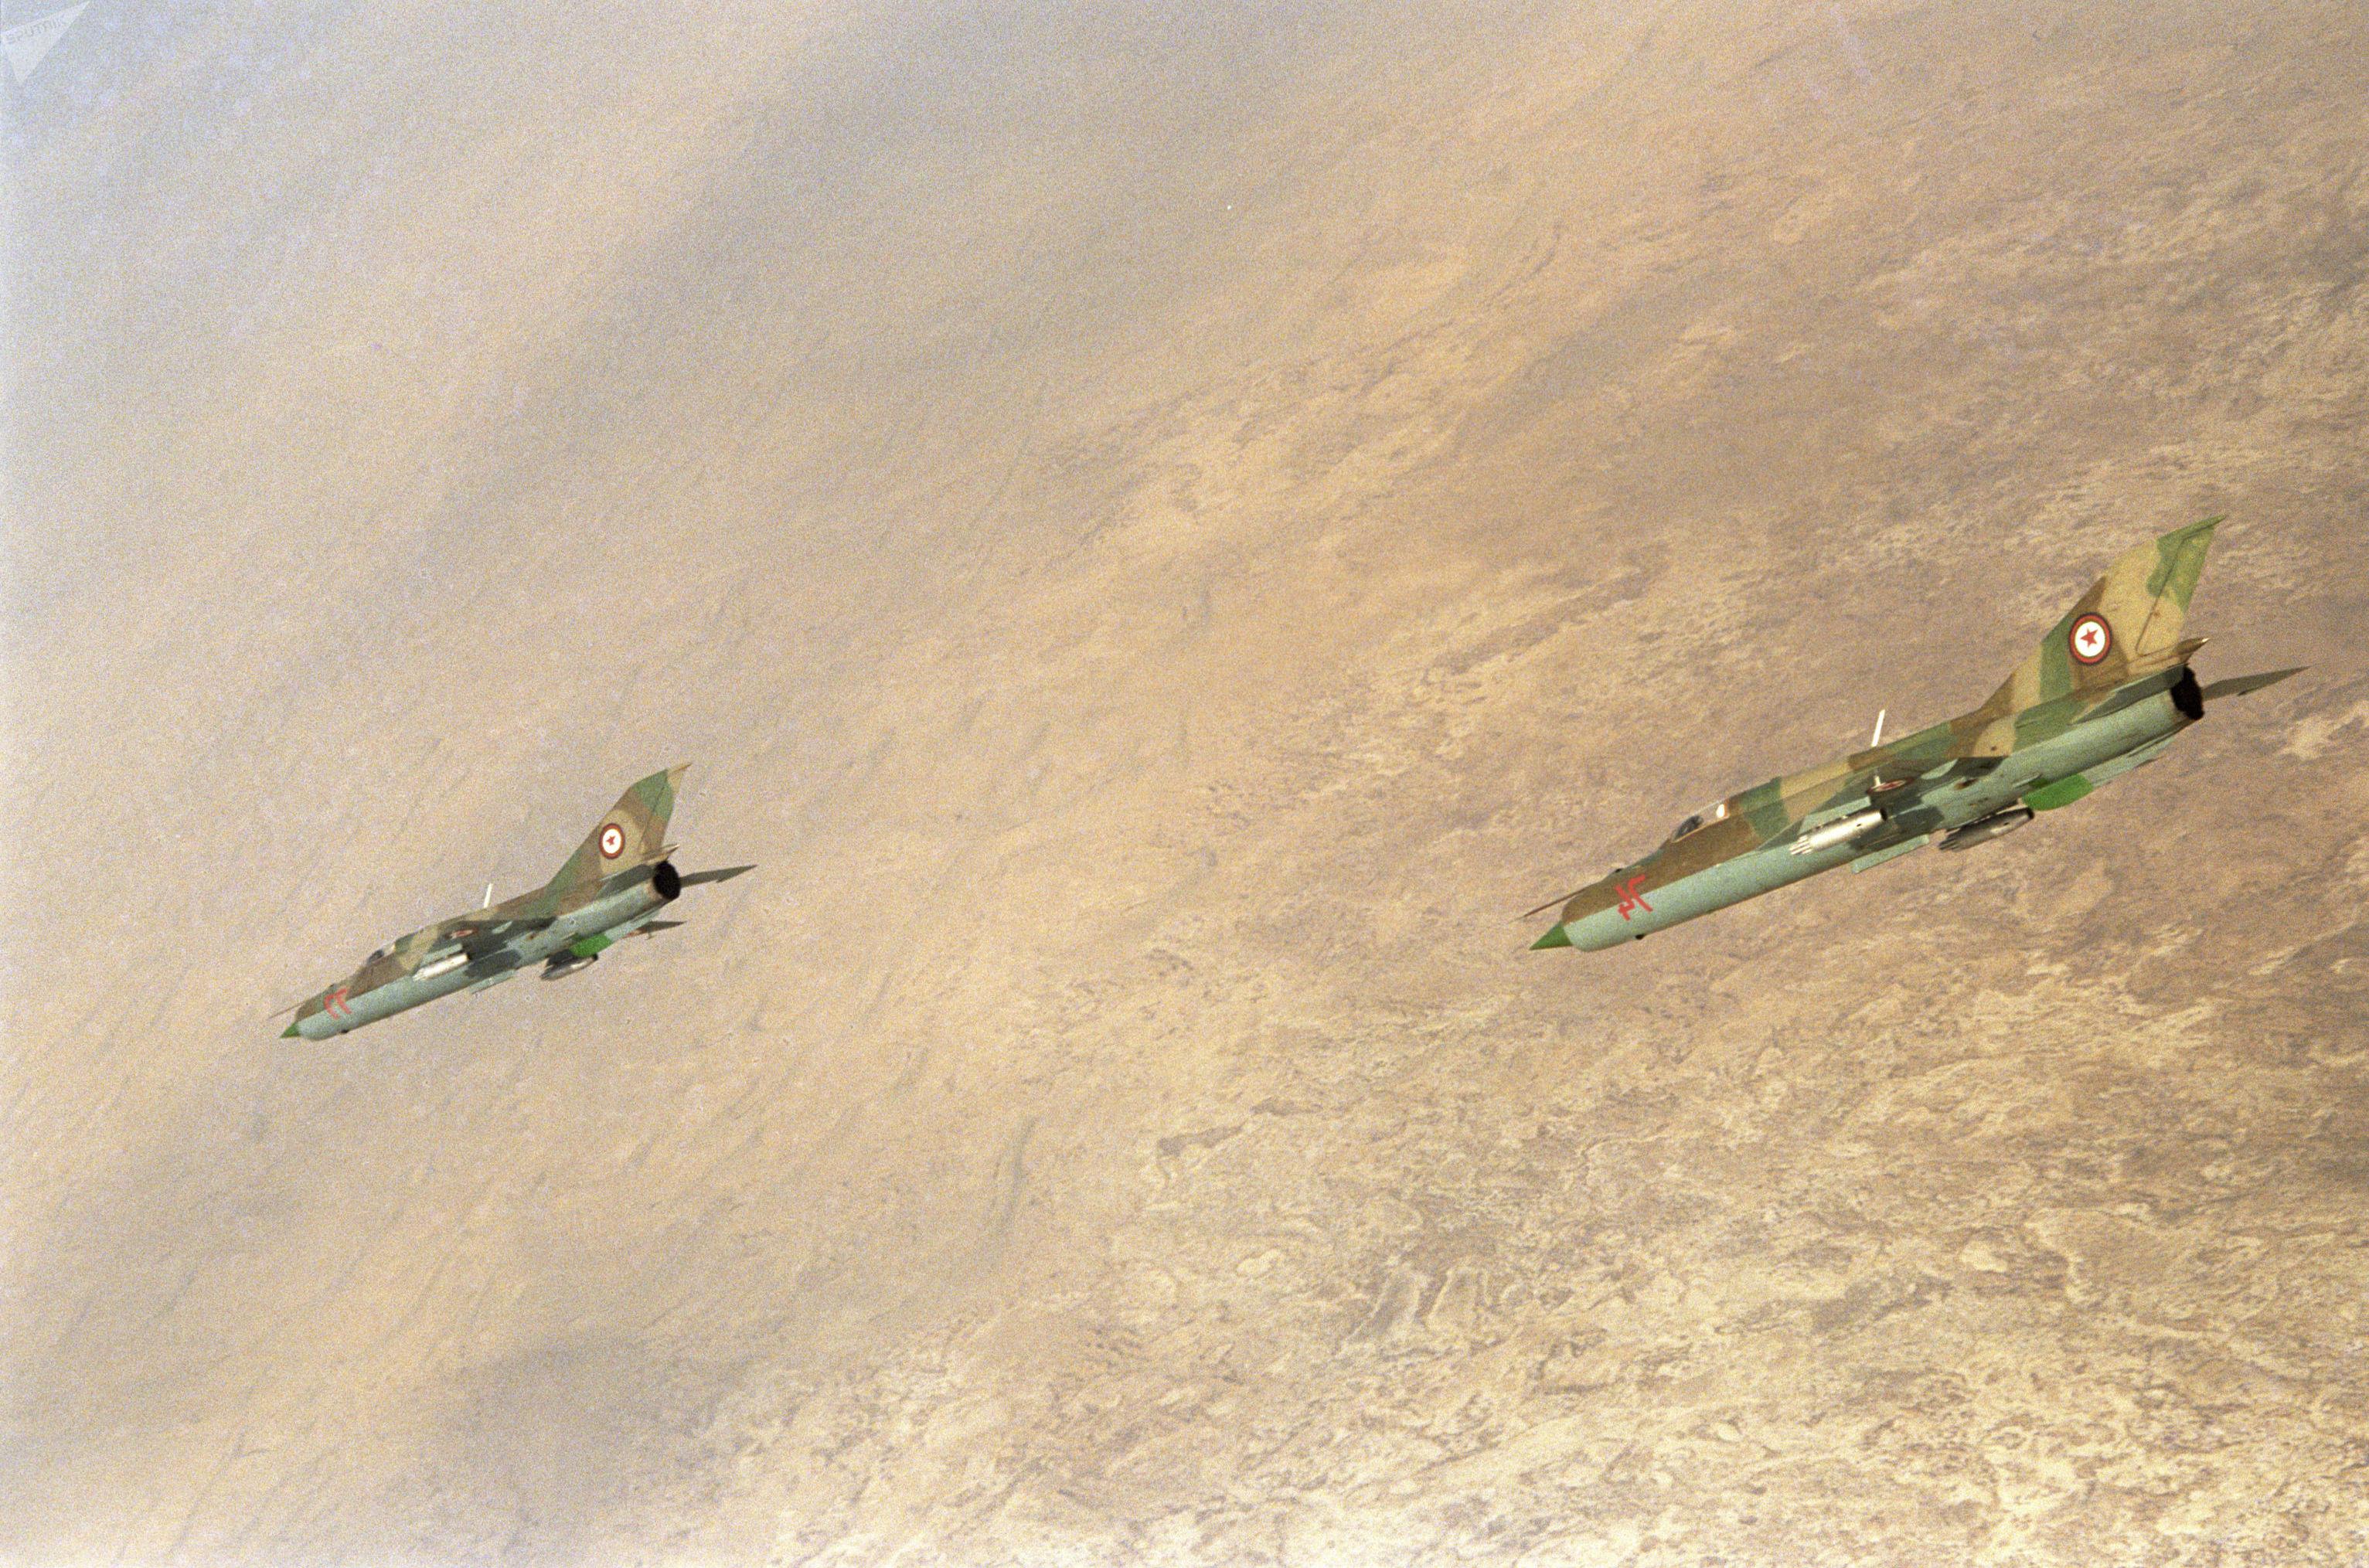 Caças MiG-21 afegãos durante a Guerra do Afeganistão entre 1979 e 1989